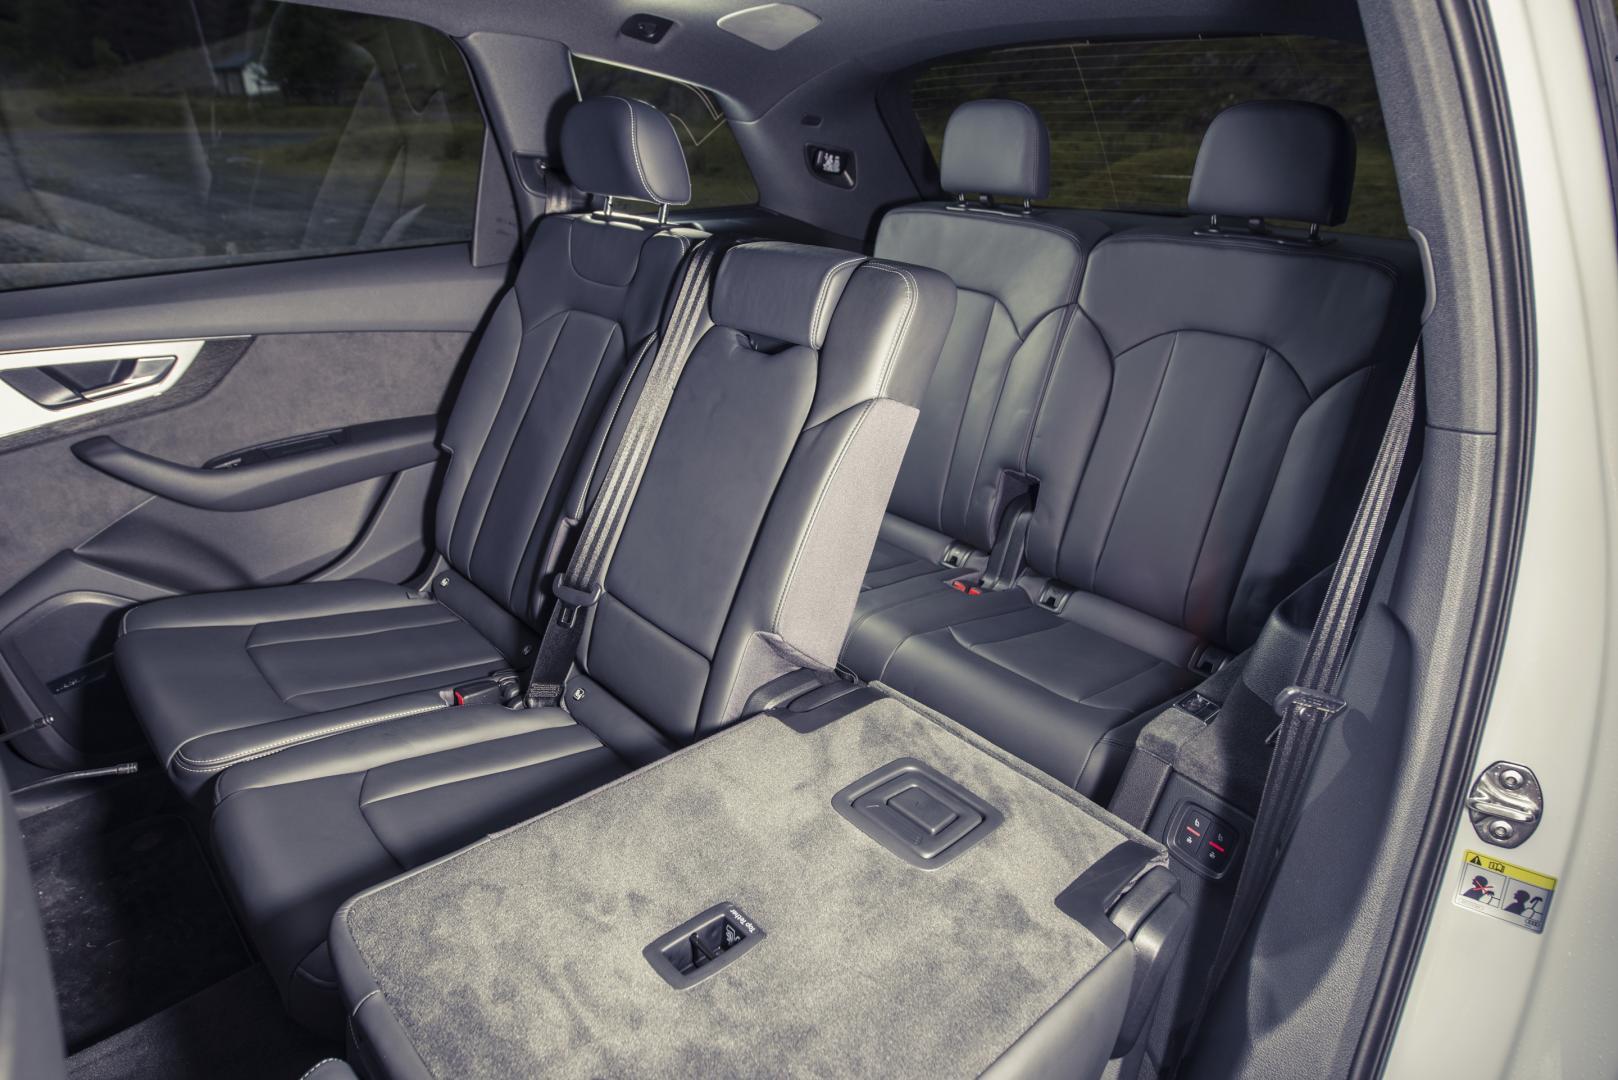 Volvo Stoelen Te Koop.Audi Q7 Vs Volvo Xc90 Vs Land Rover Discovery Topgear